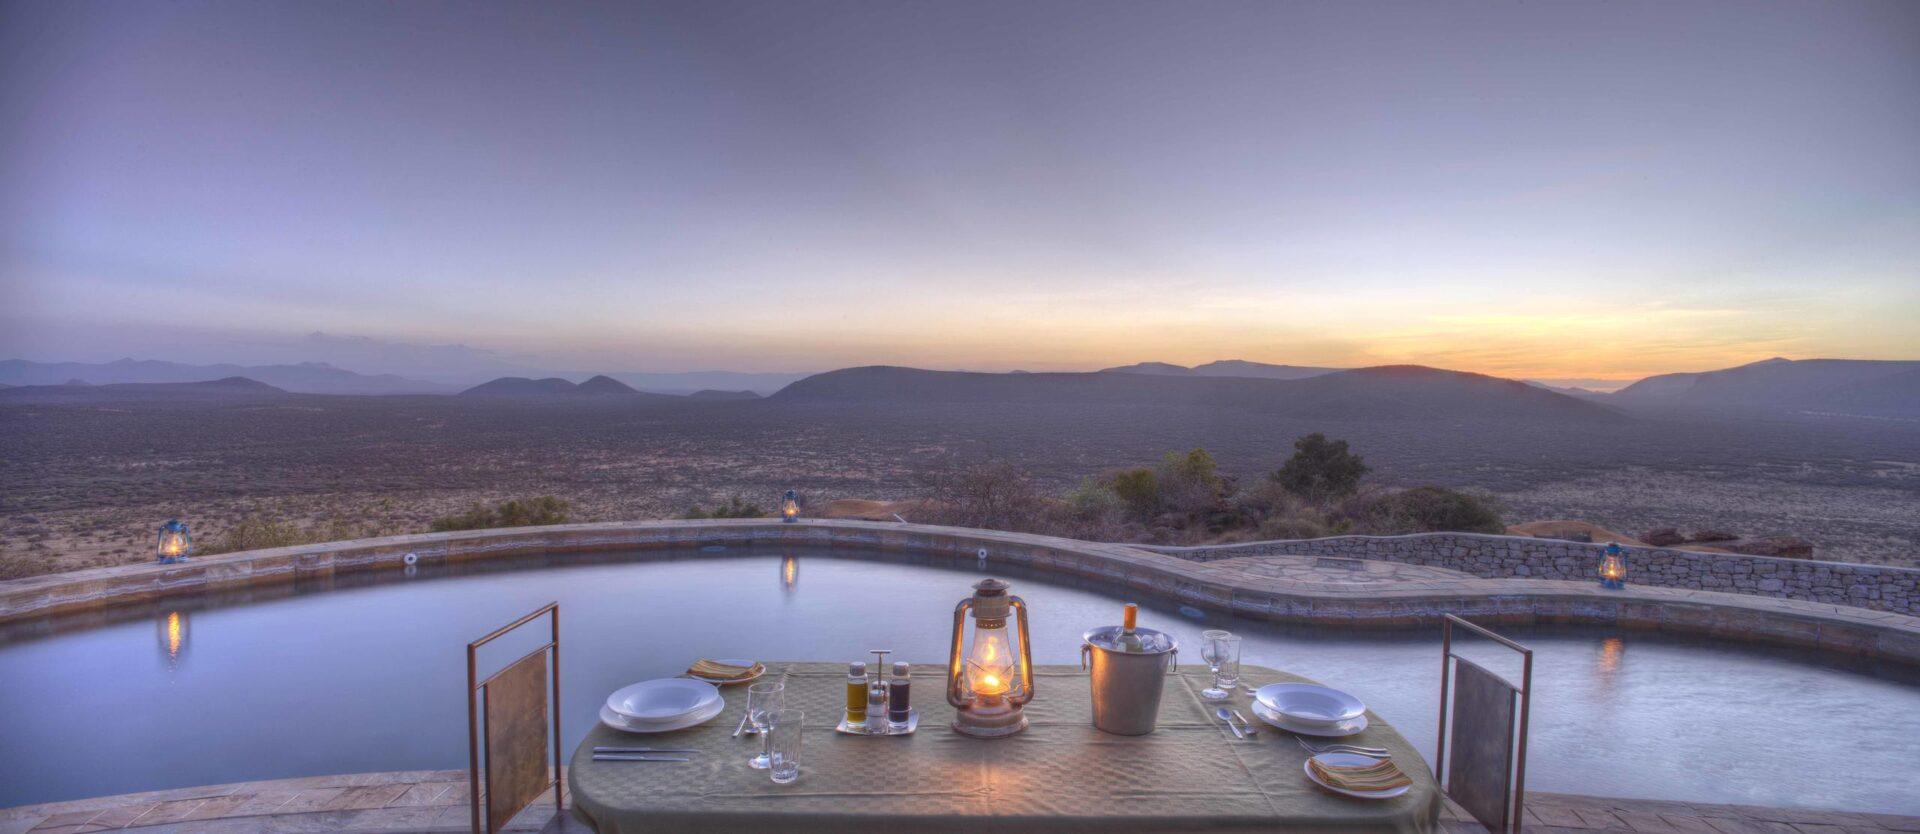 Kenya_Saruni Samburu_Pool dining